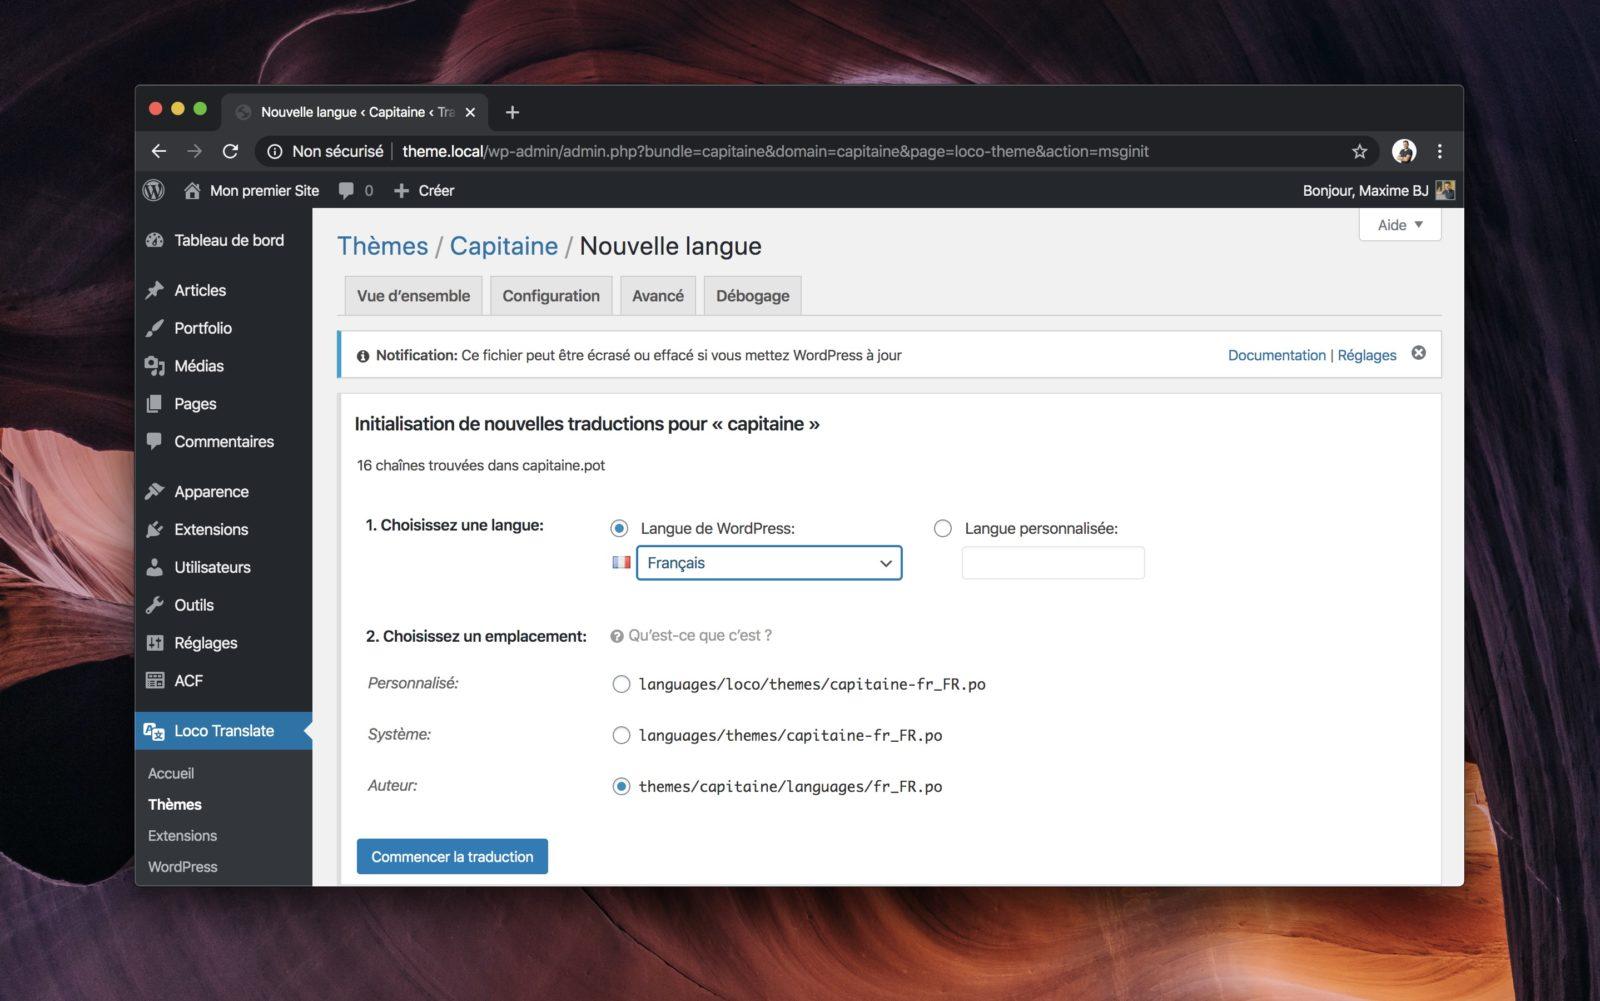 L'interface d'ajout d'un nouvelle langue dans Loco Translate